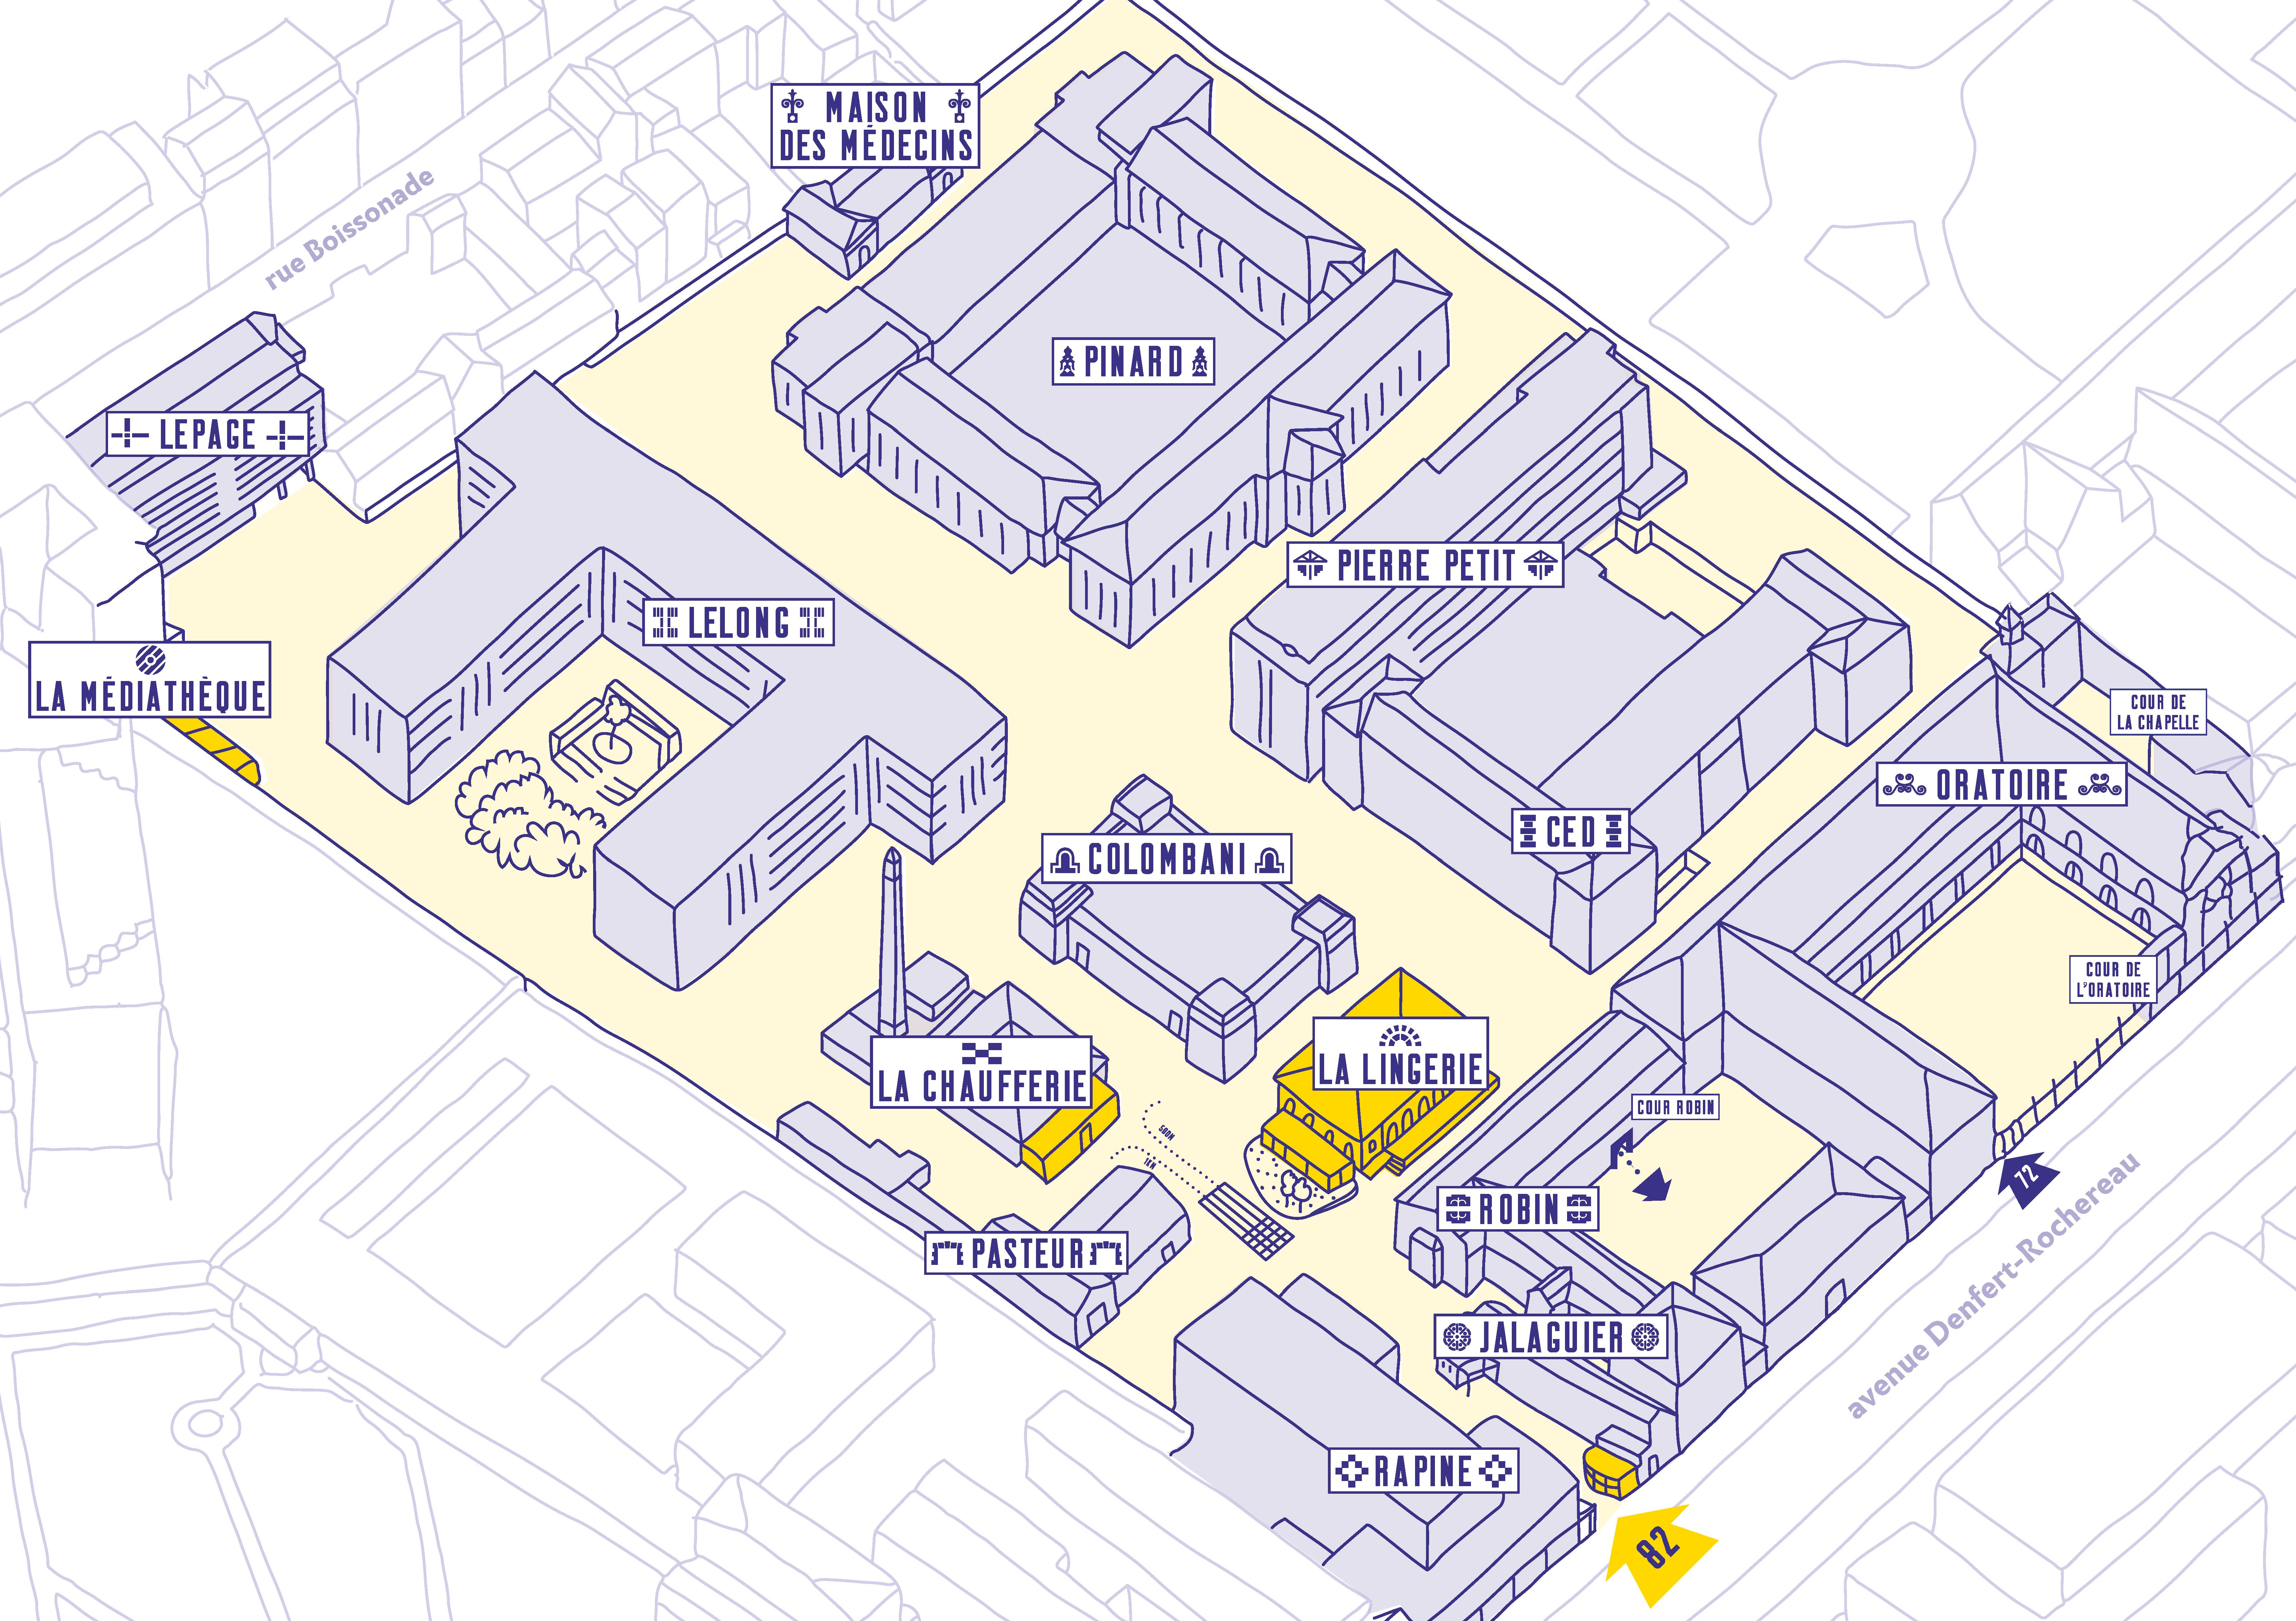 Plan général des bâtiments des Grands Voisins - crédit : Yes We Camp